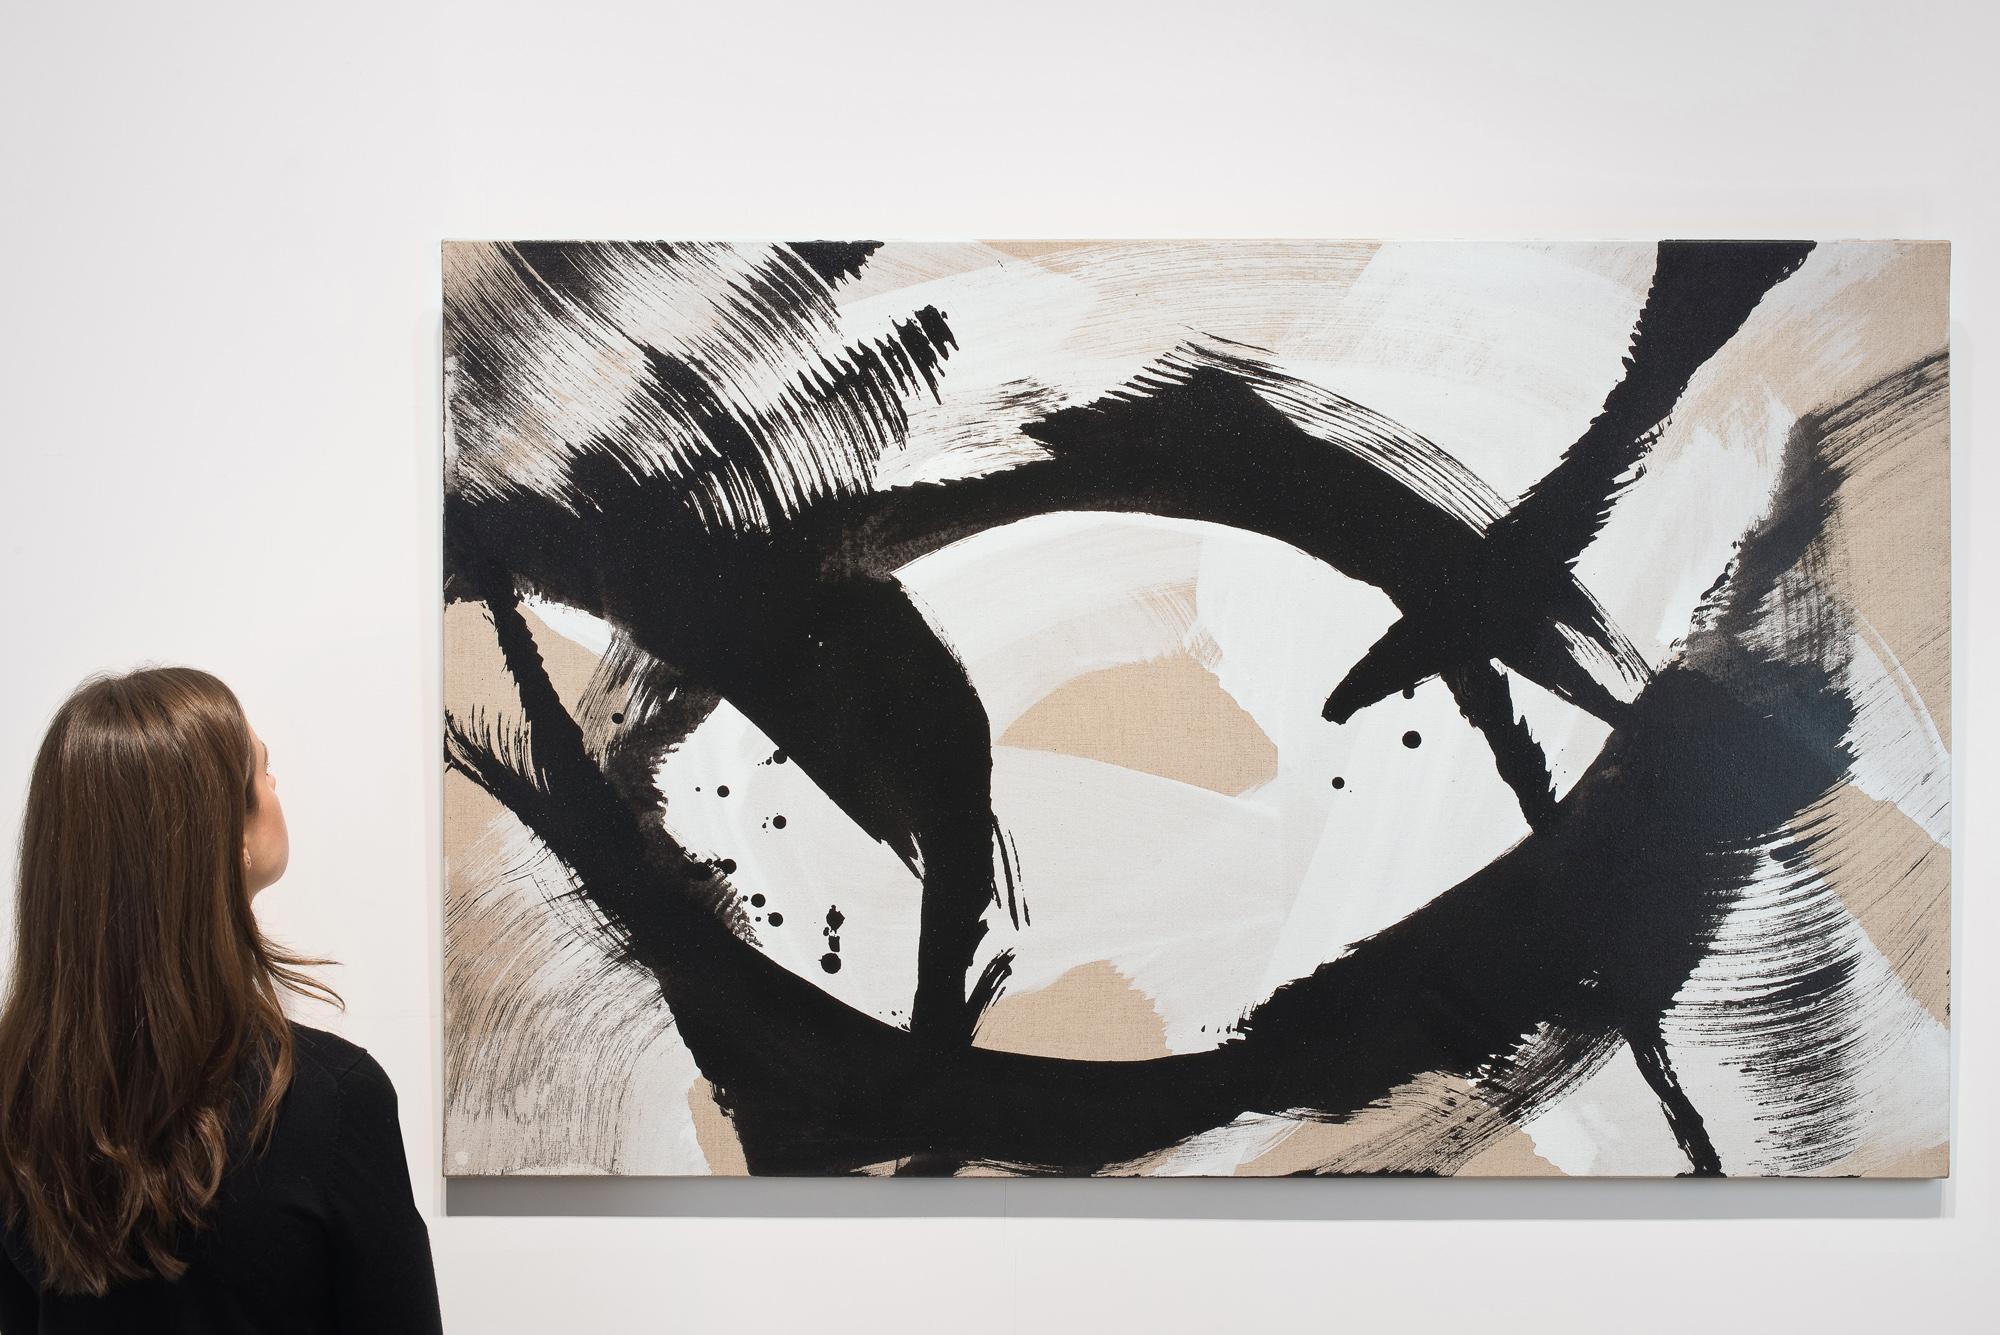 roswitha doerig - gestes blancs noirs peinture 2008 acrylique